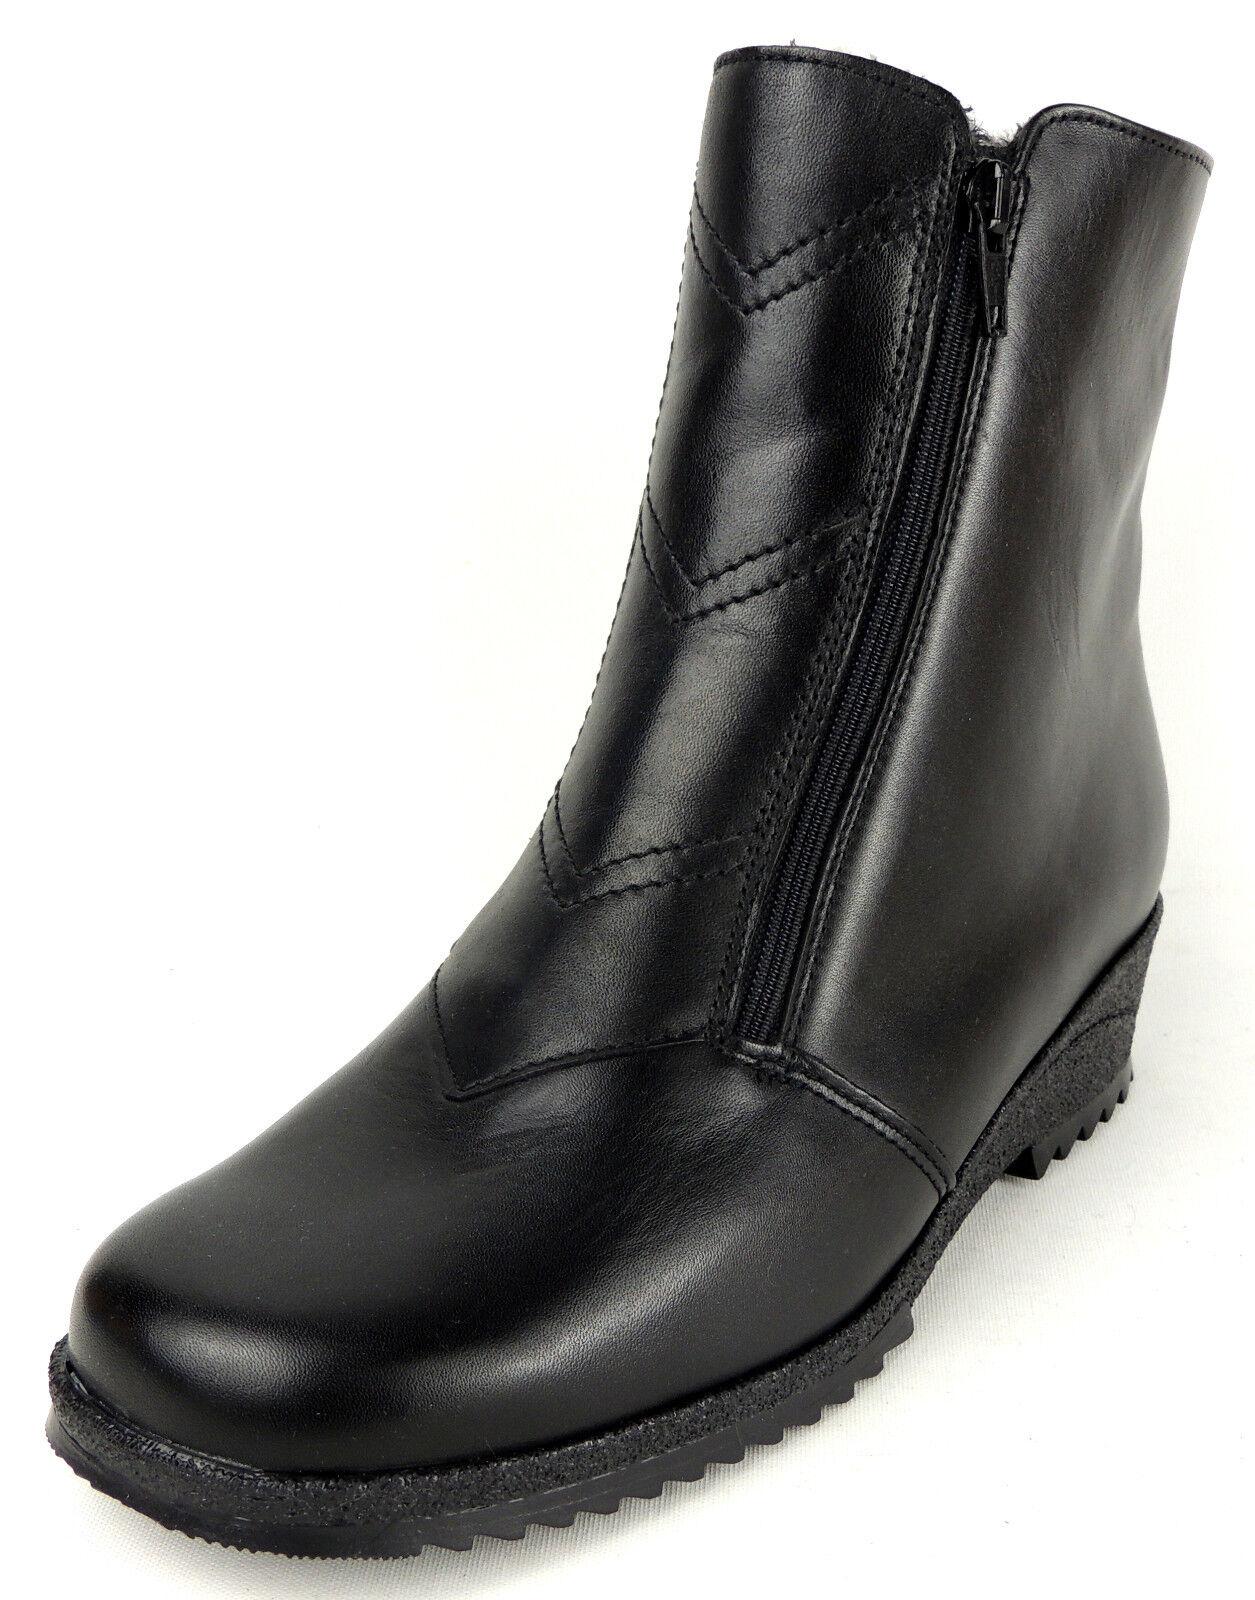 Ara animal señora botas ancho h cordero-alimentación animal Ara cuero negro b05442